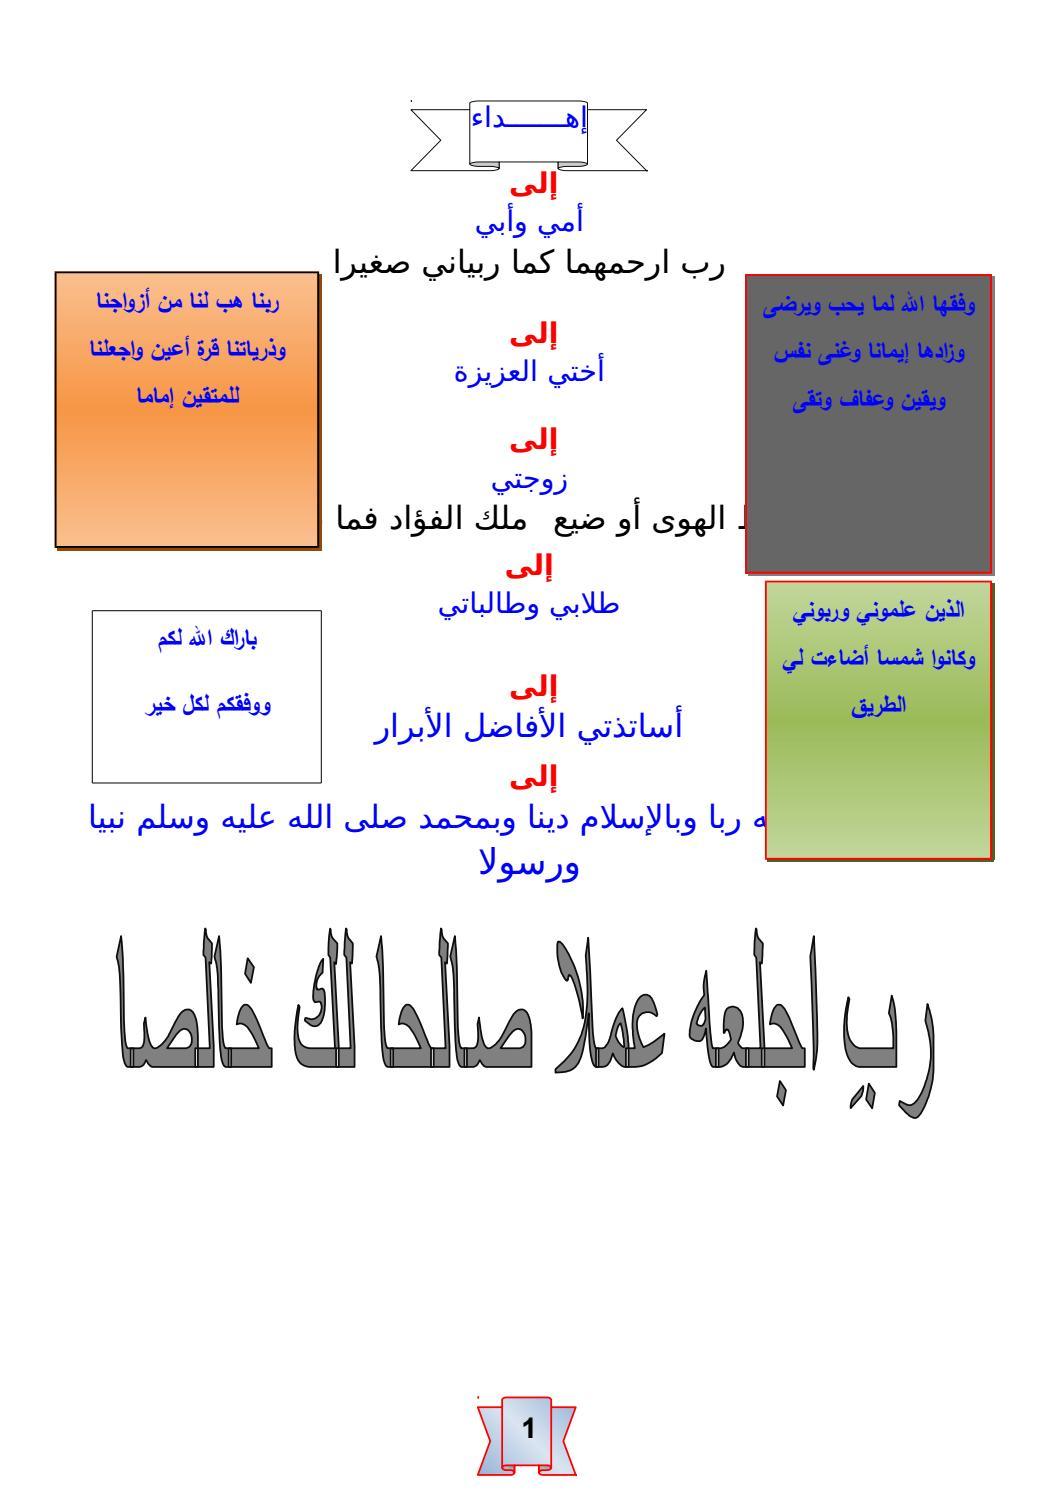 مذكرة اللغة العربية 2ث وورد 2017م by bachelorya.online - issuu